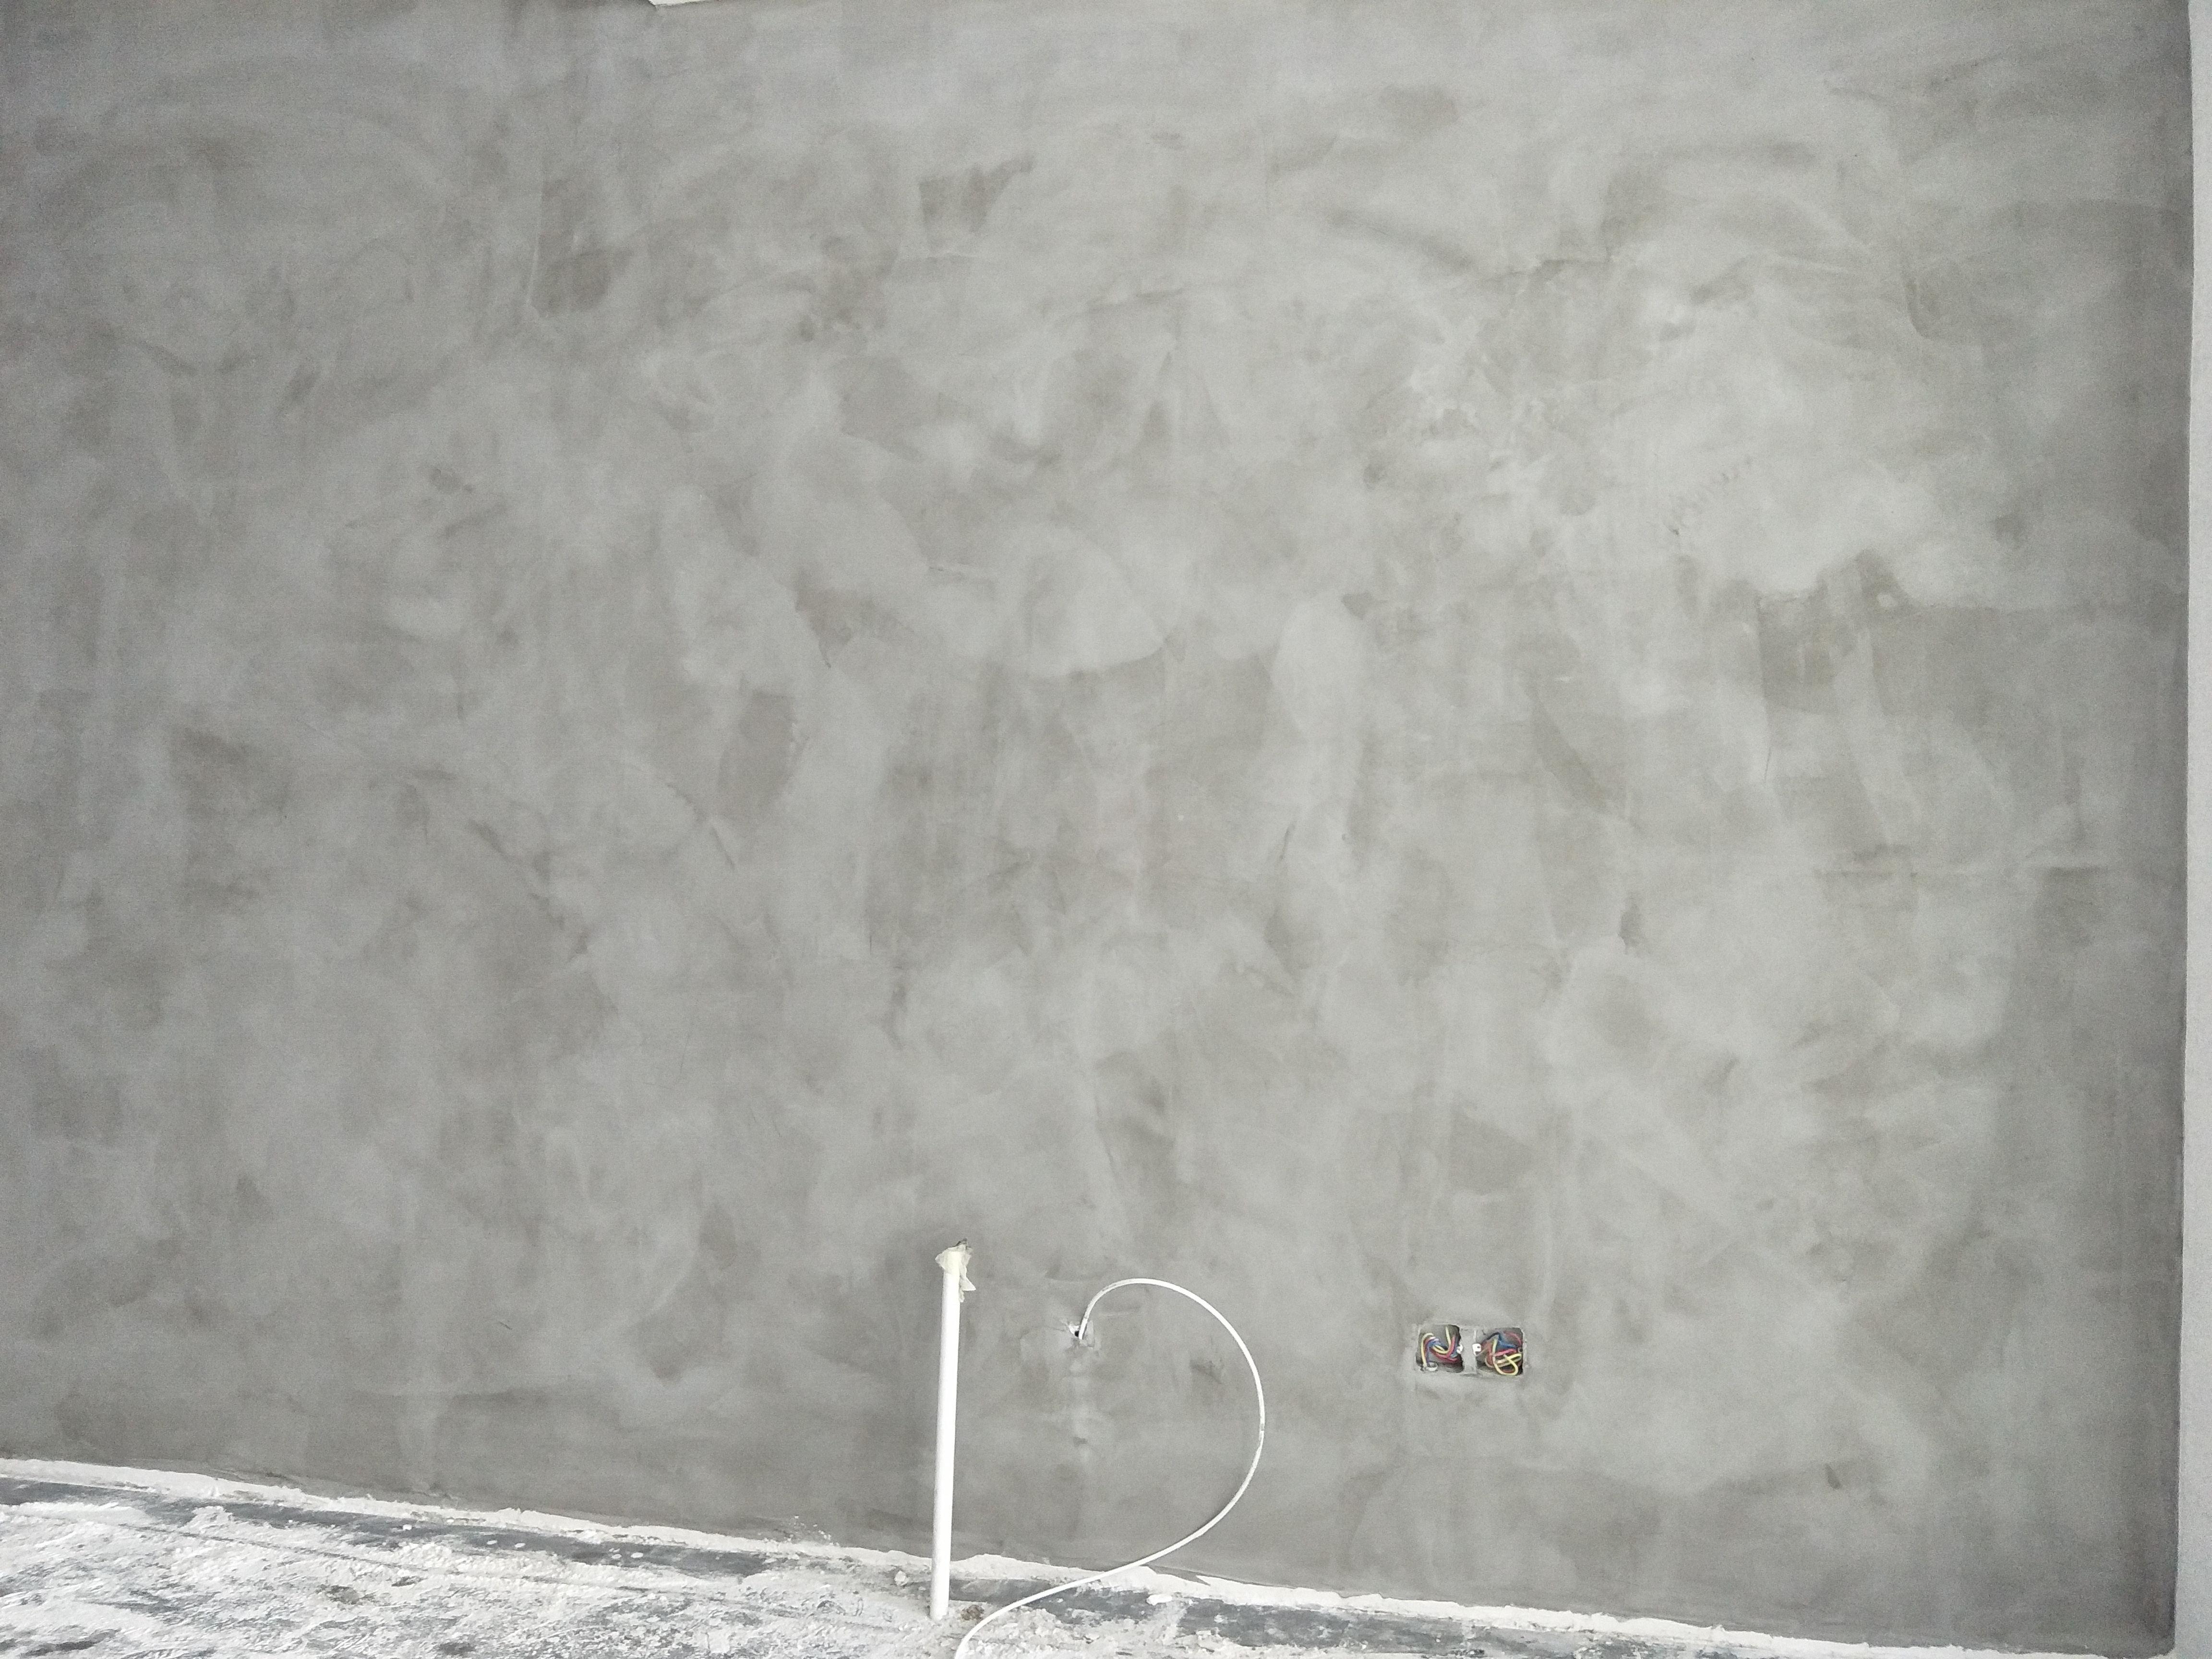 水泥墙贴图素材